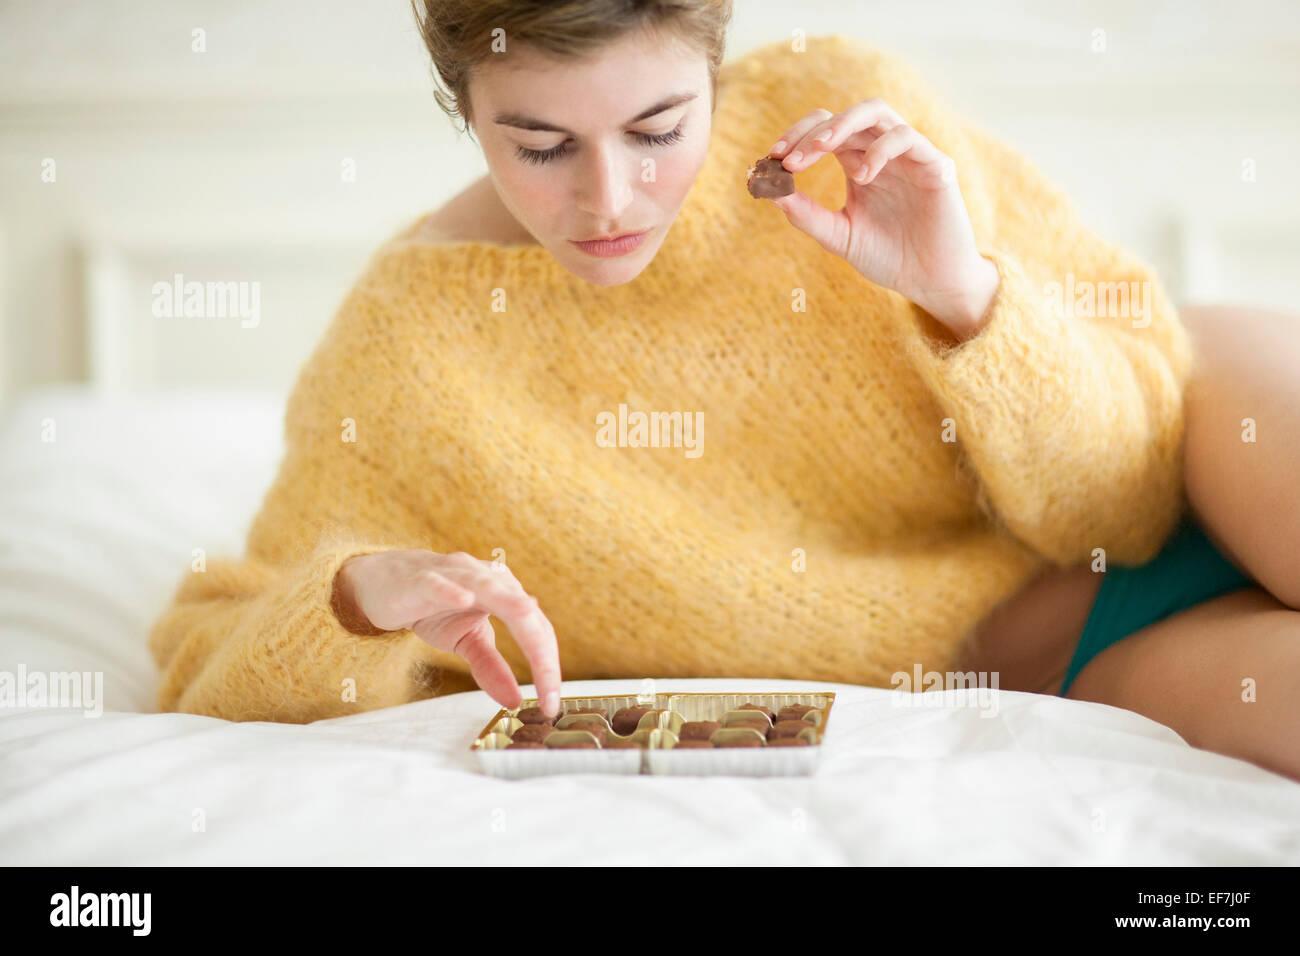 Donna mangiare il cioccolato sul letto Immagini Stock